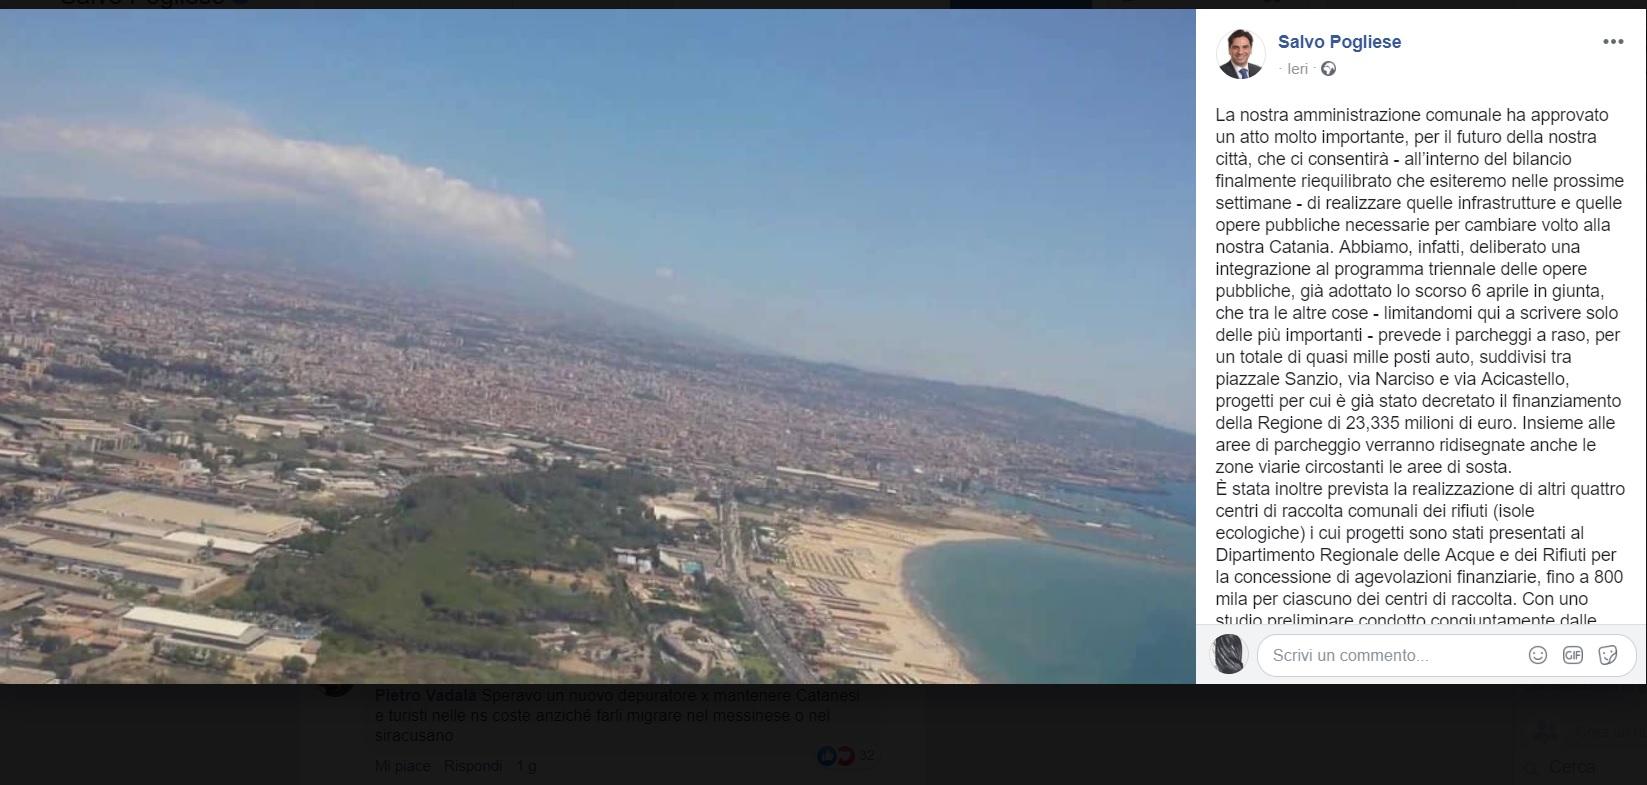 Piano triennale per Catania